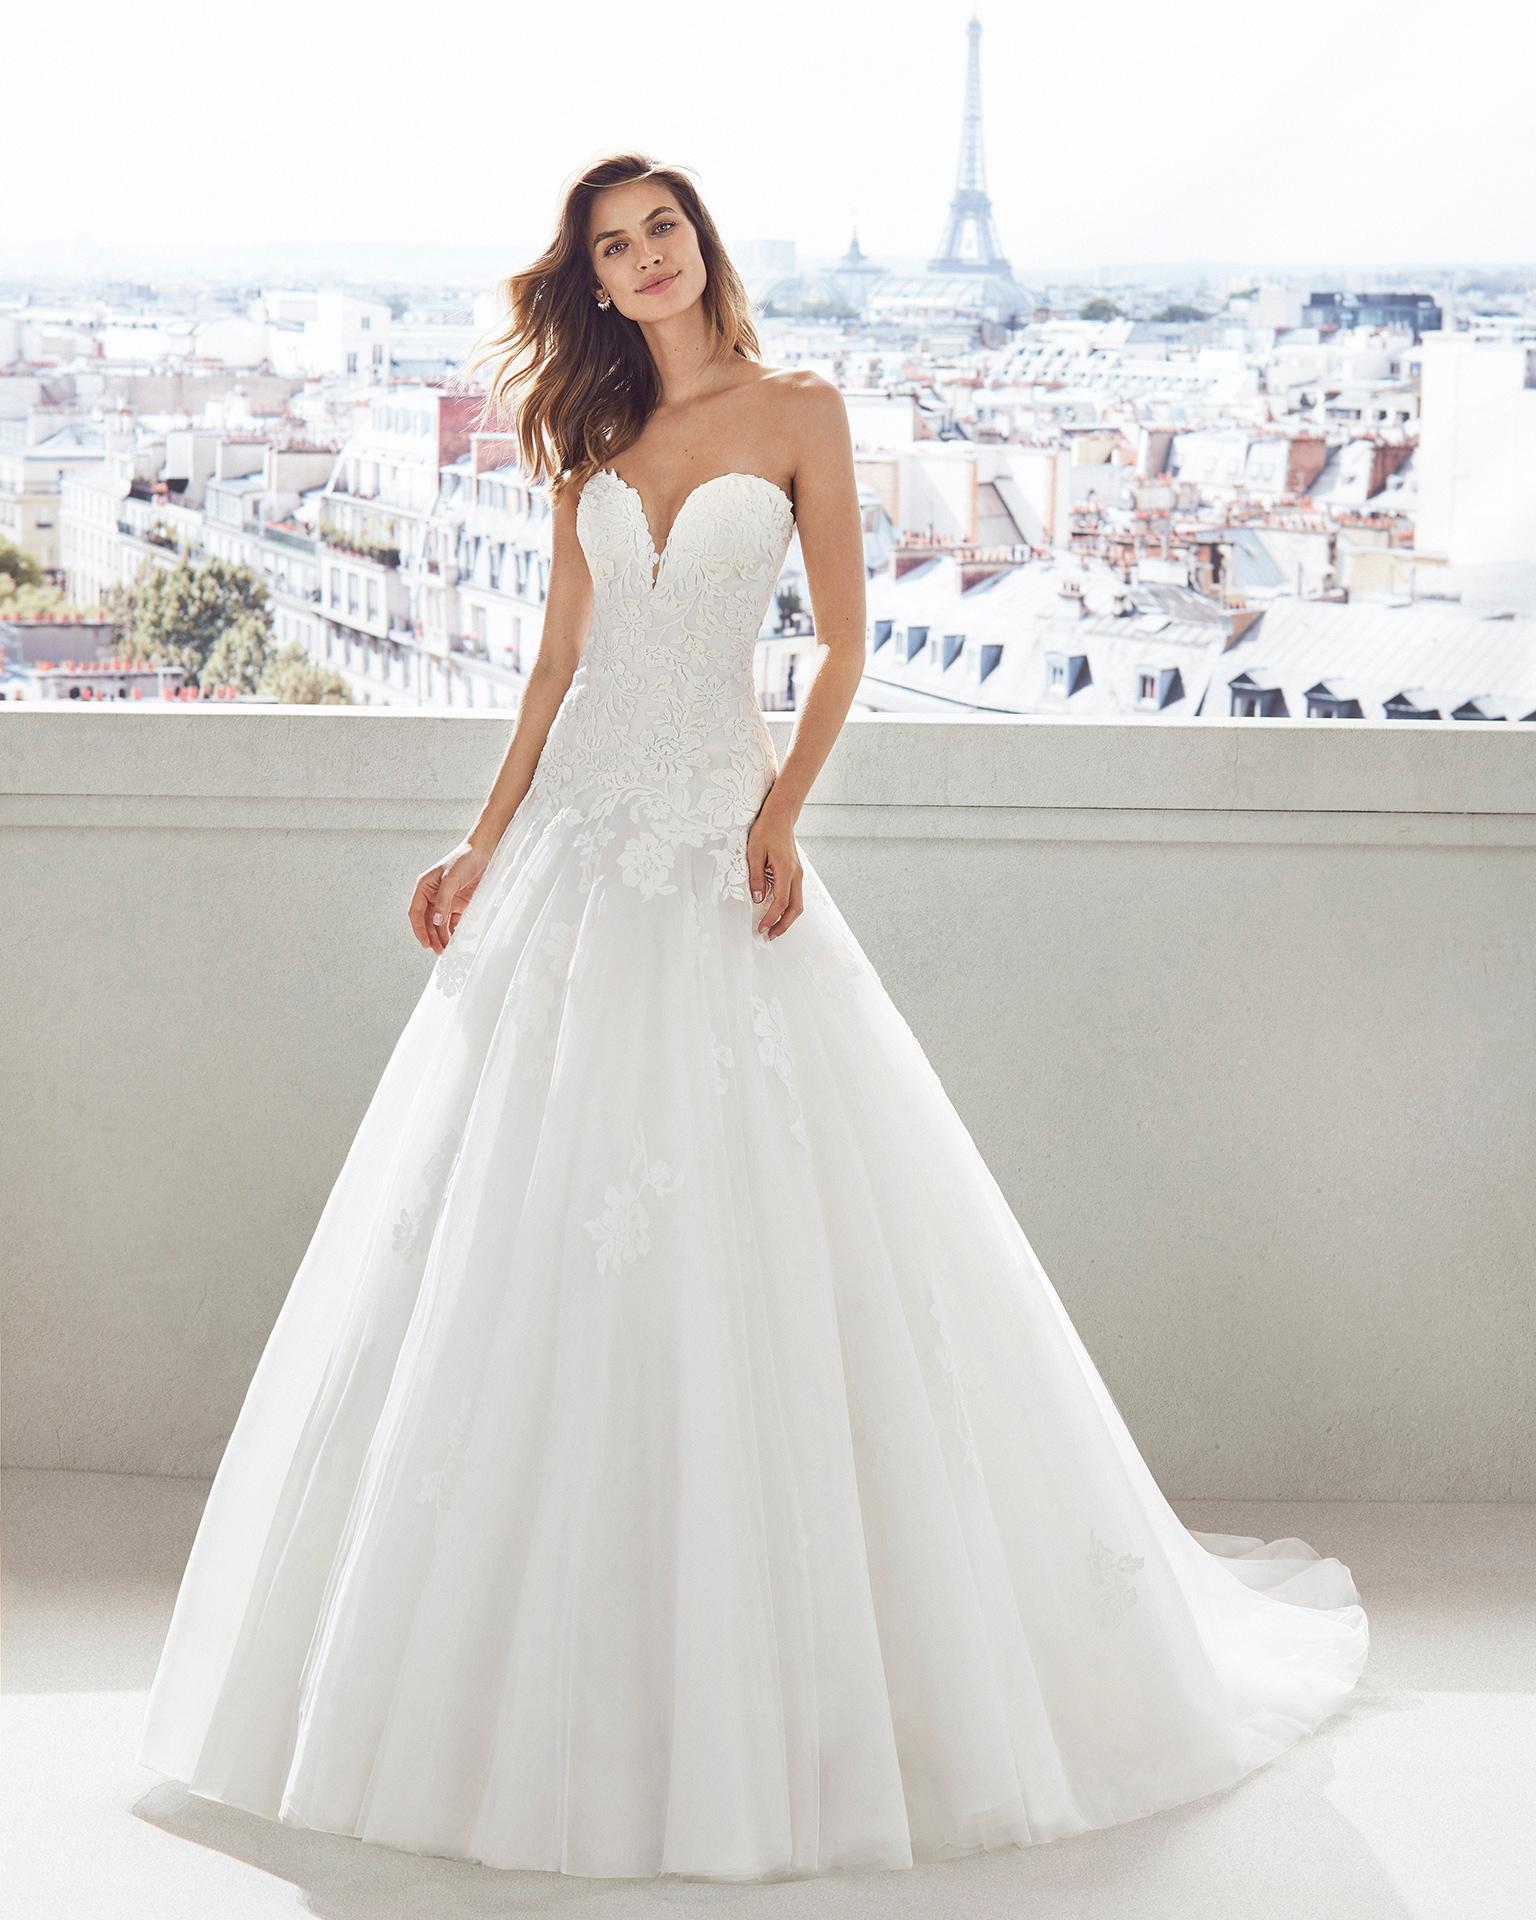 Vestido de novia estilo princesa en tul y encaje. Escote corazón profundo y encaje en cuerpo y falda. Disponible en color natural. Colección  2019.